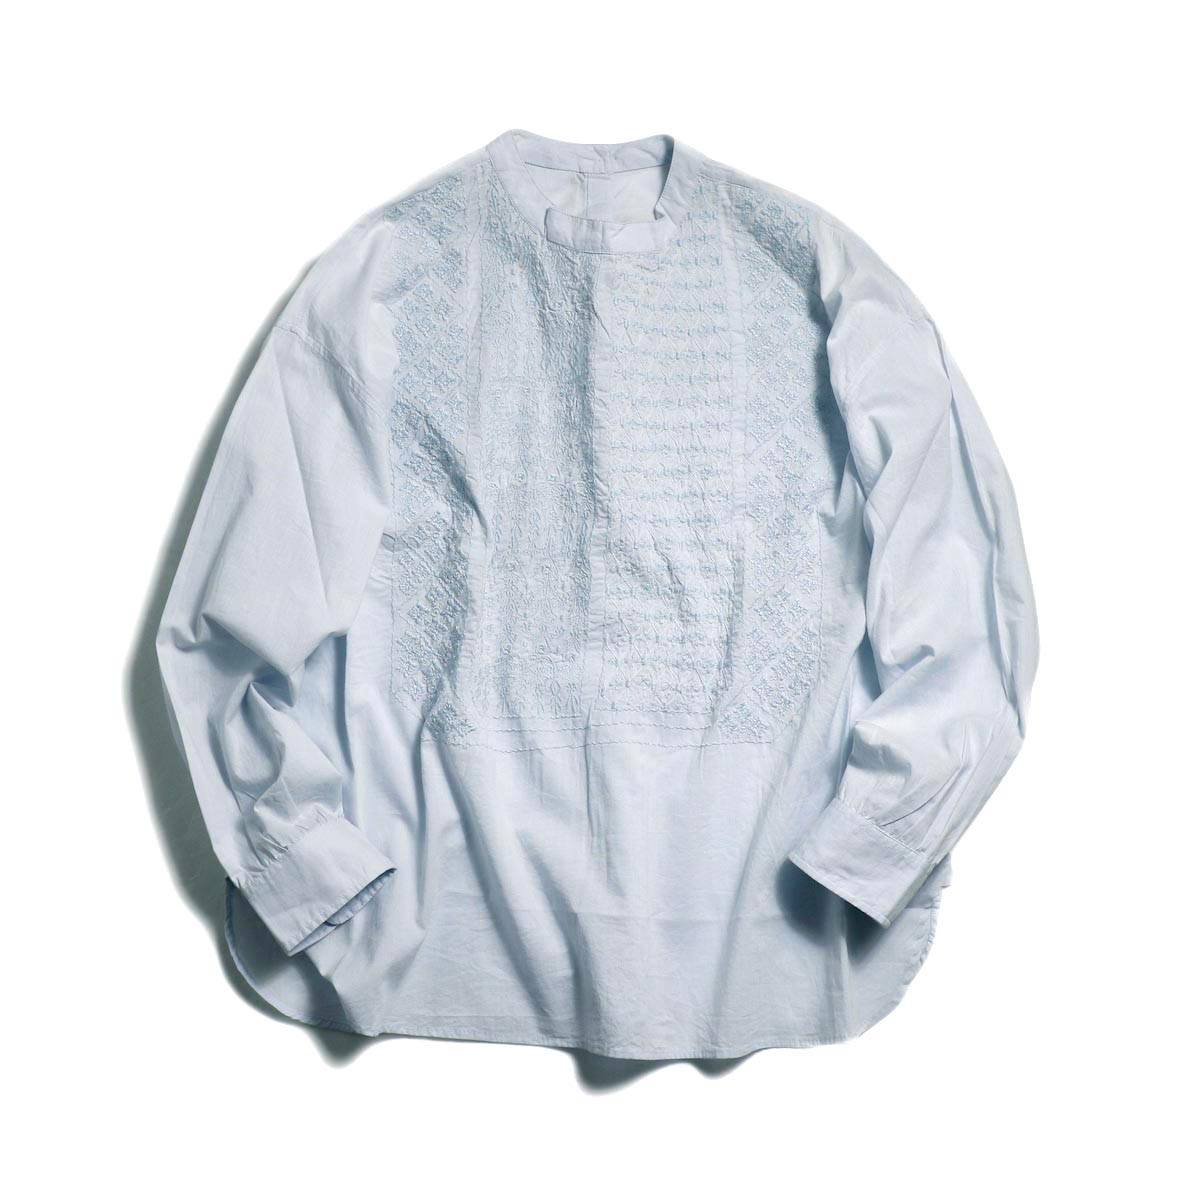 maison de soil / Pullover Stand Collar Emb Shirt -Sax Blue